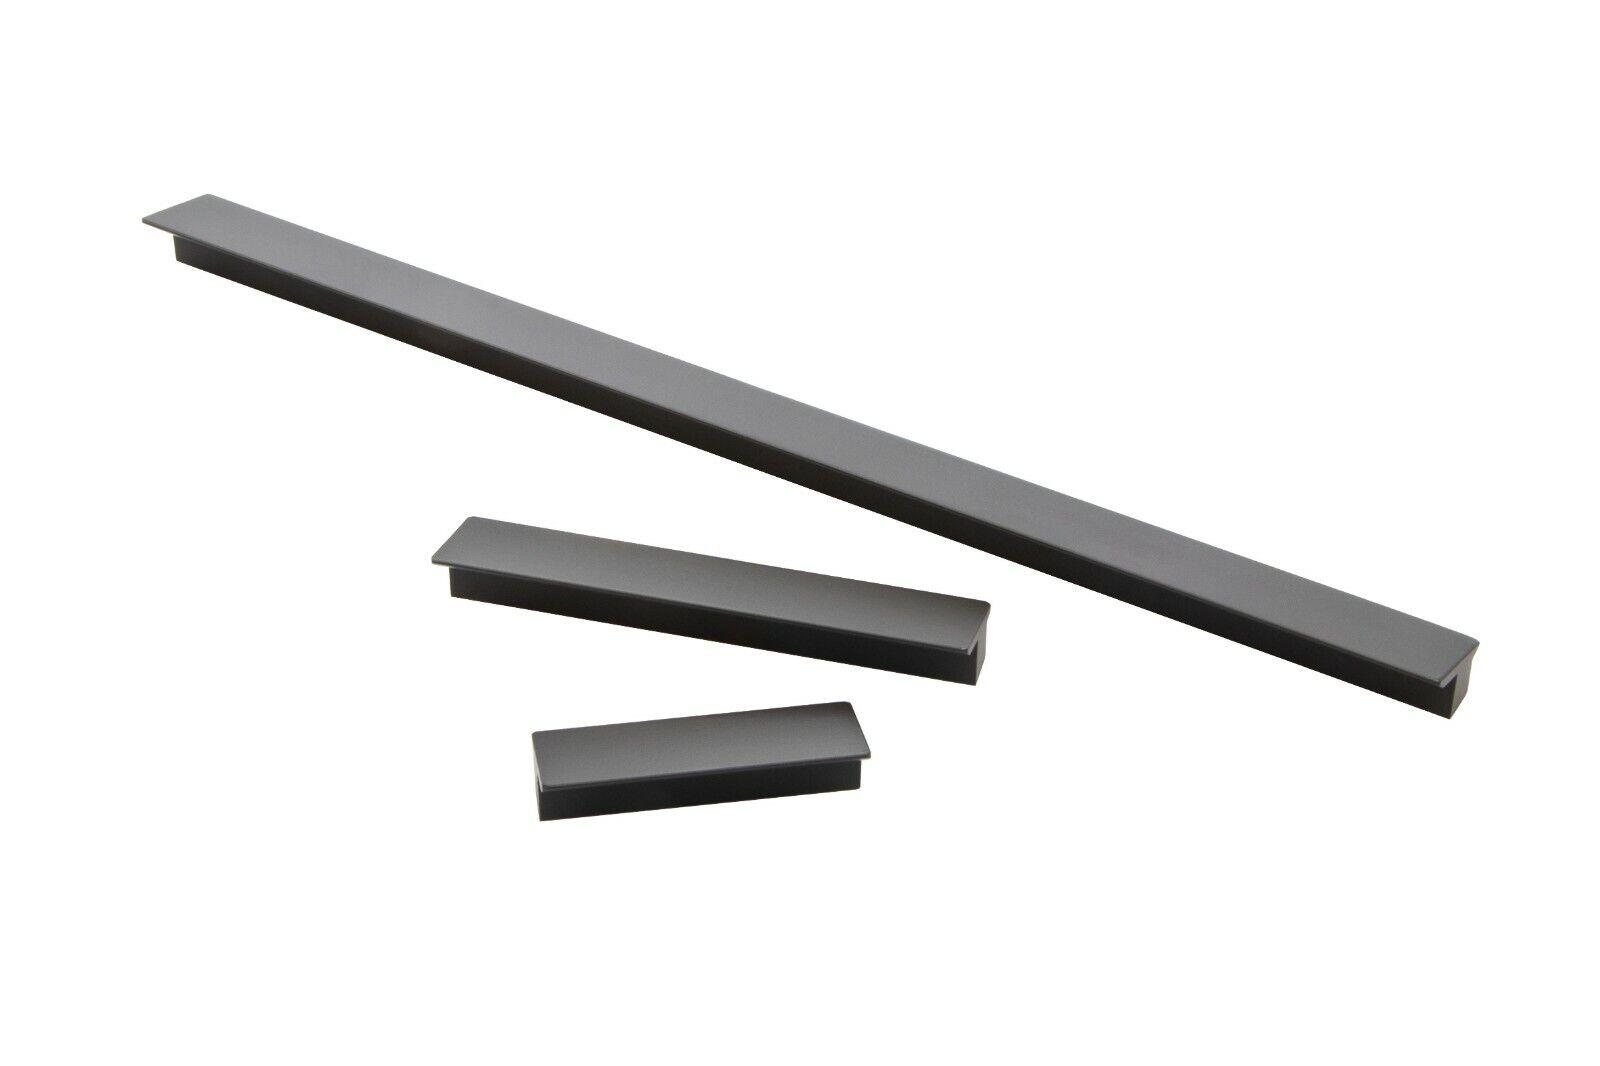 Märklin 353080 10 Stück Feder Zugfeder 10 mm Federset NEU E353080